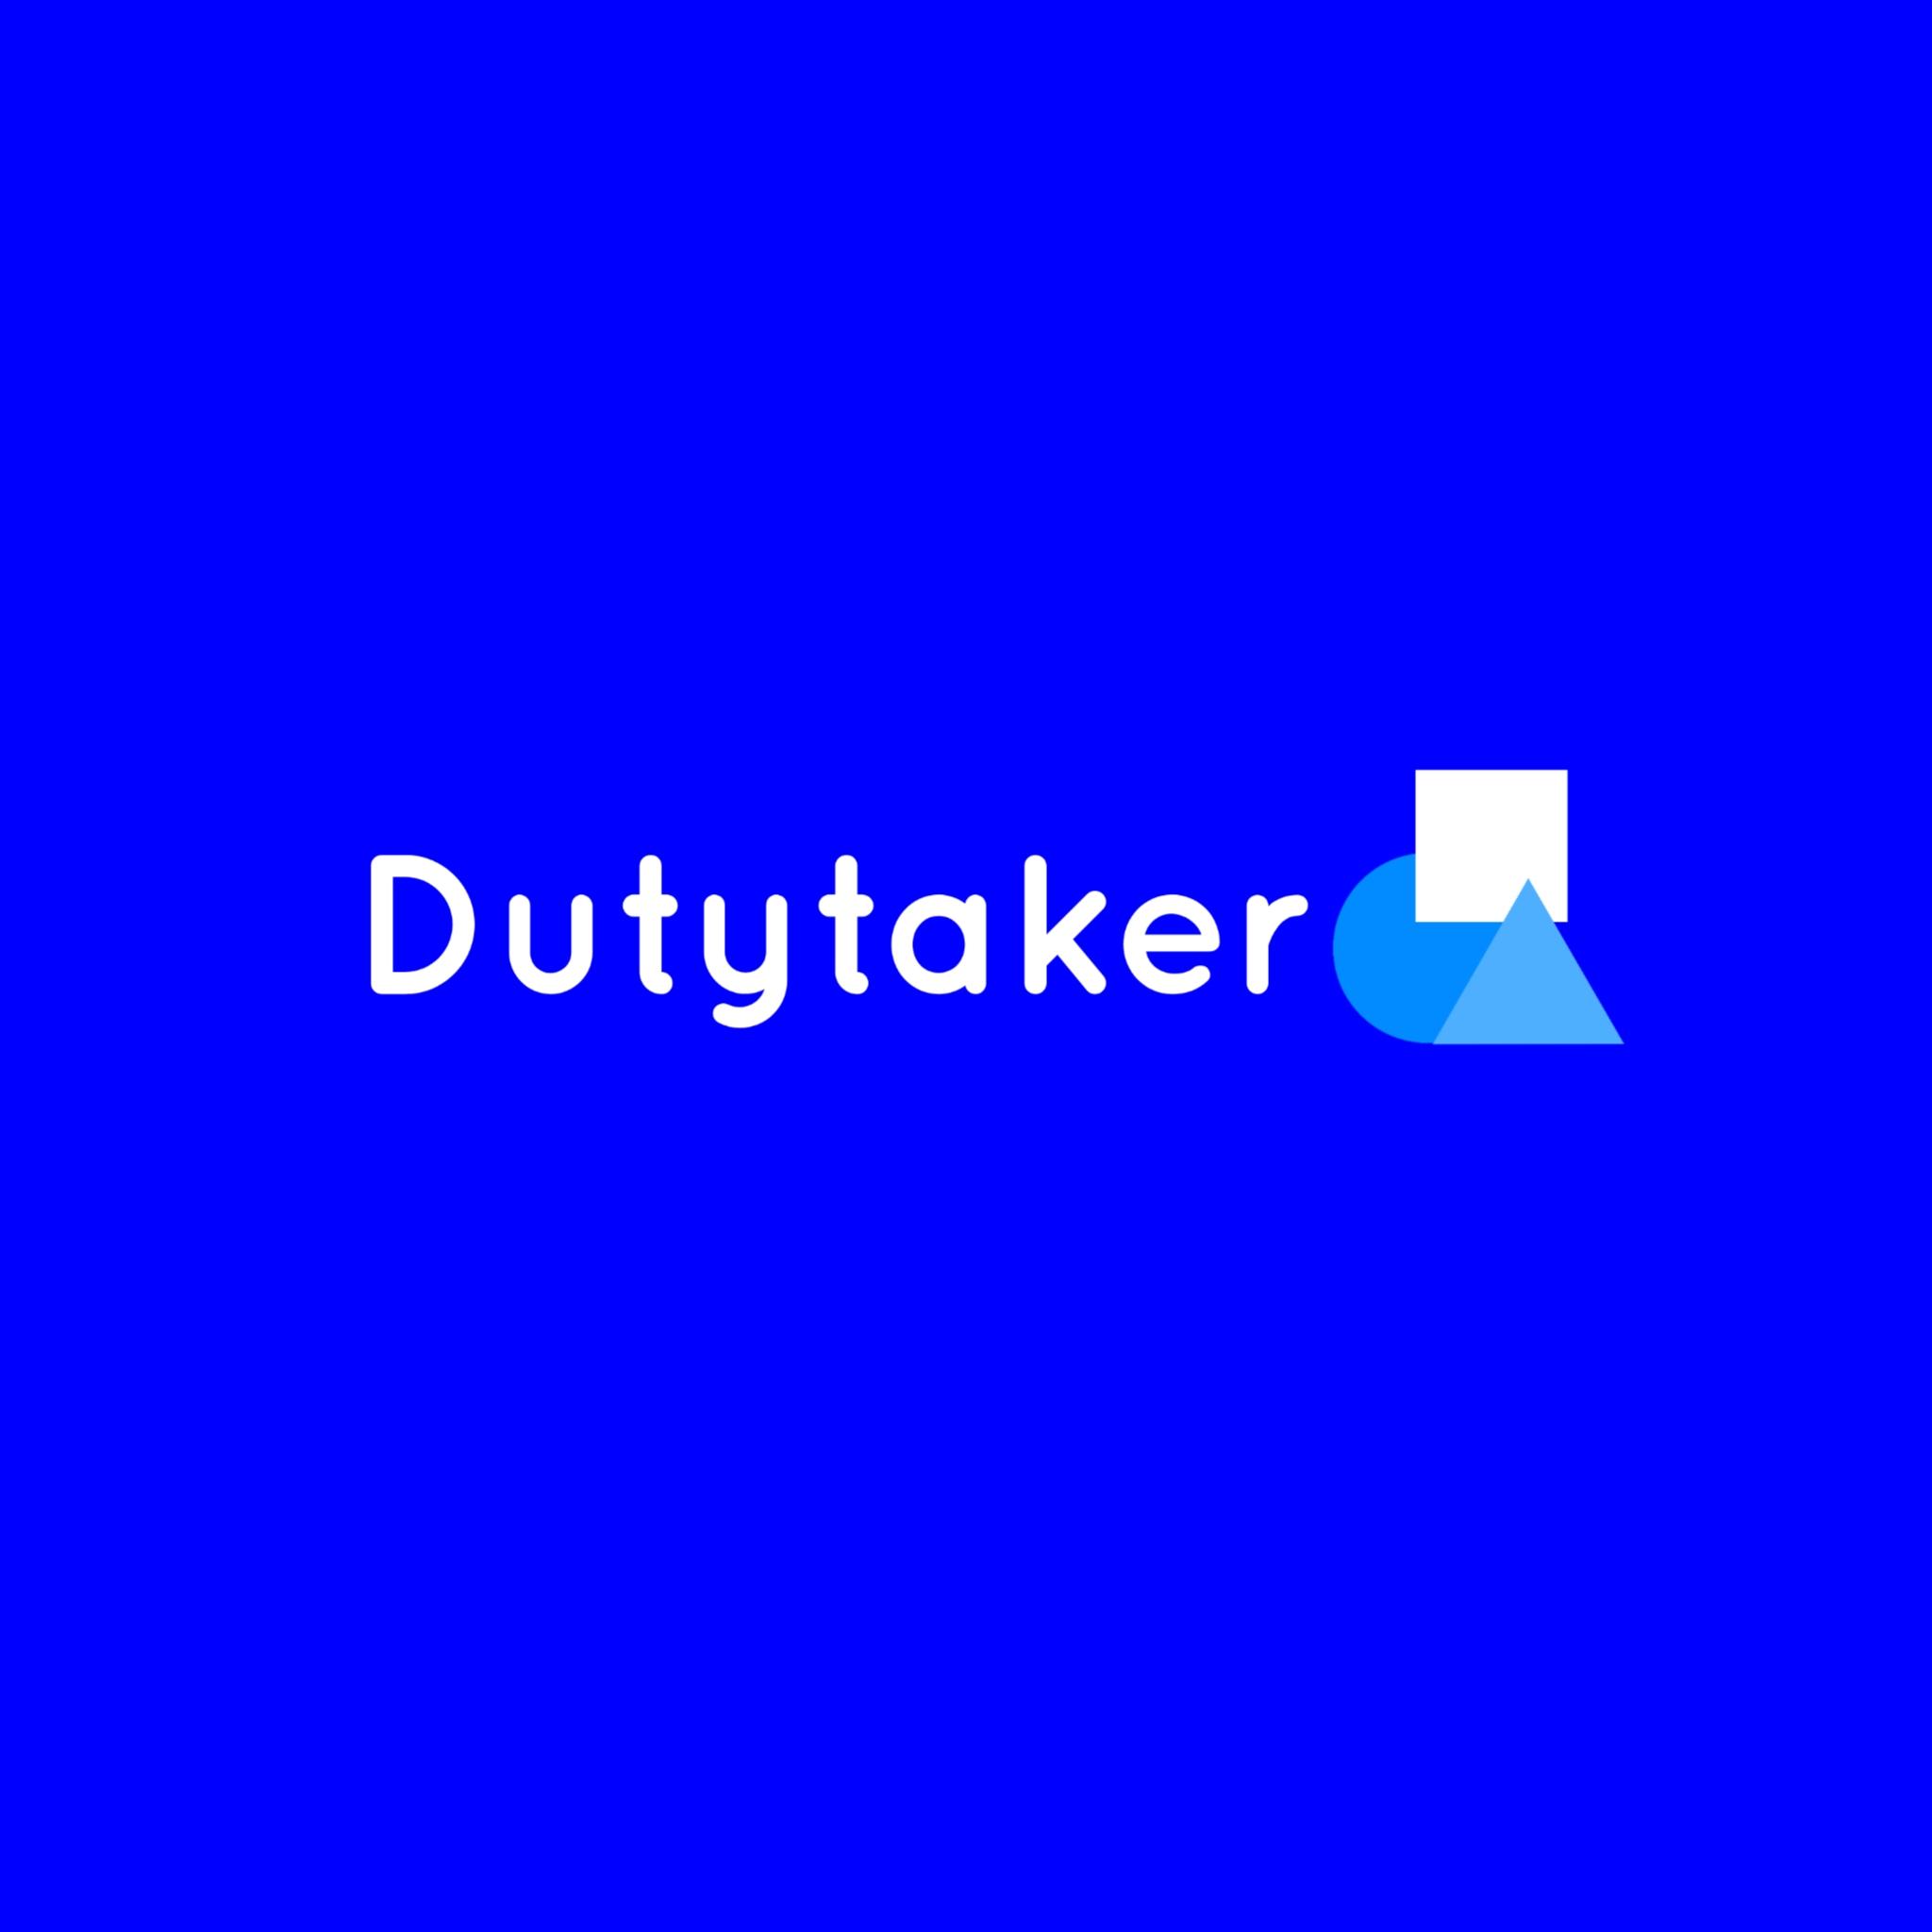 Dutytaker